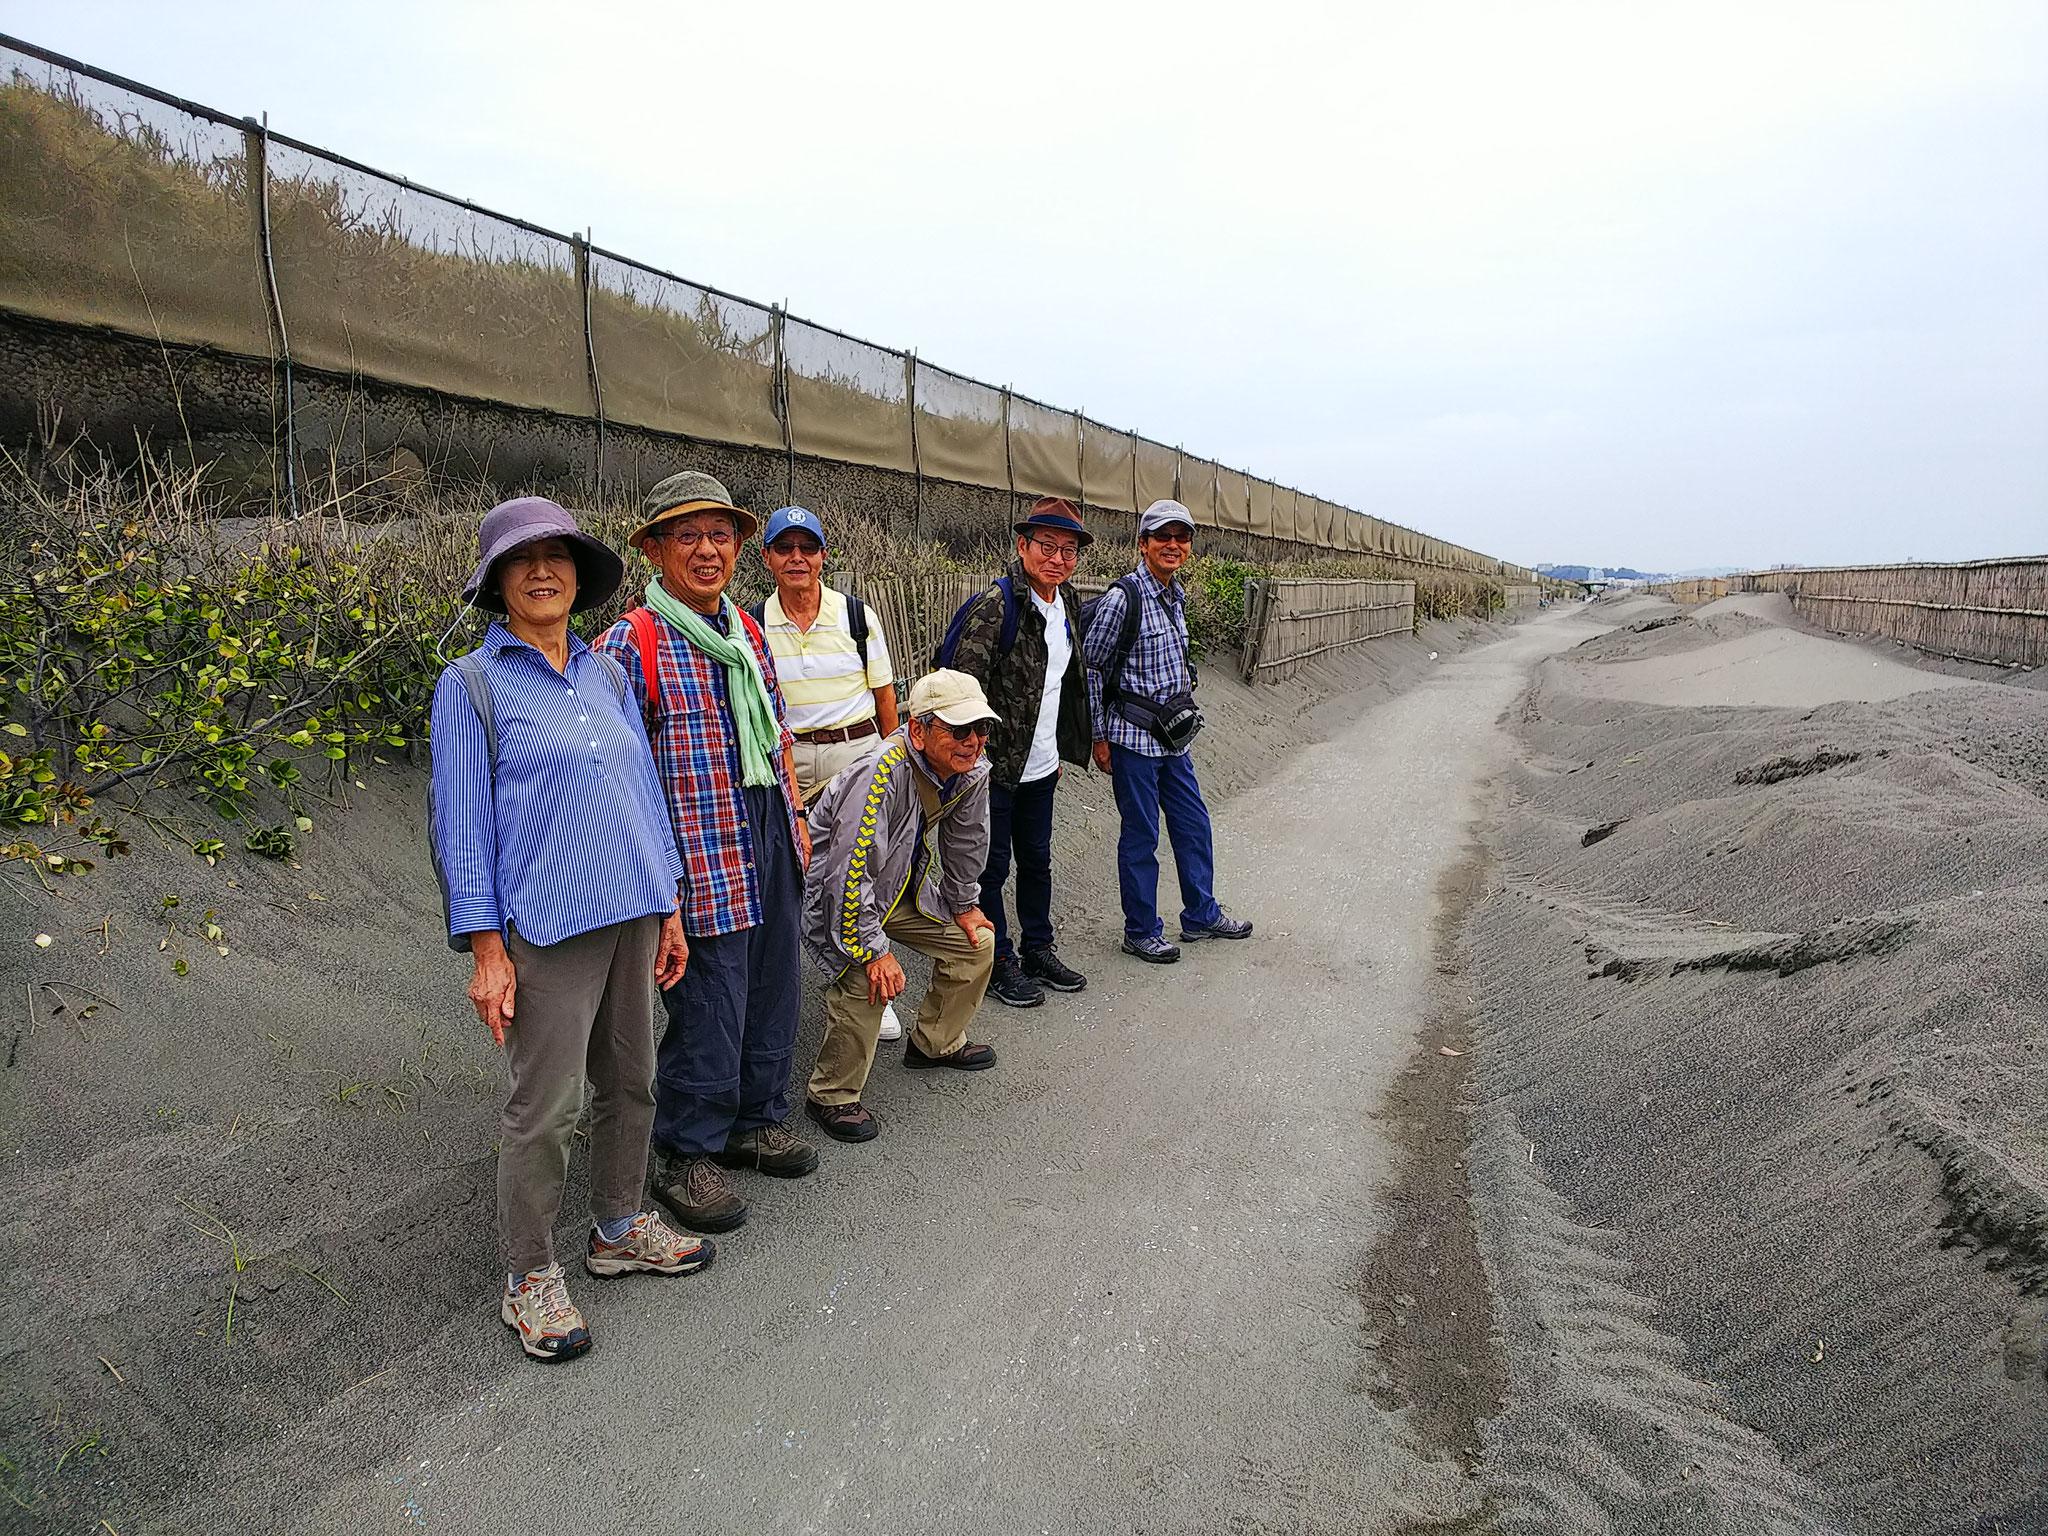 台風の後の吹き溜まりの砂は綺麗に整備されていた  ラッキー!